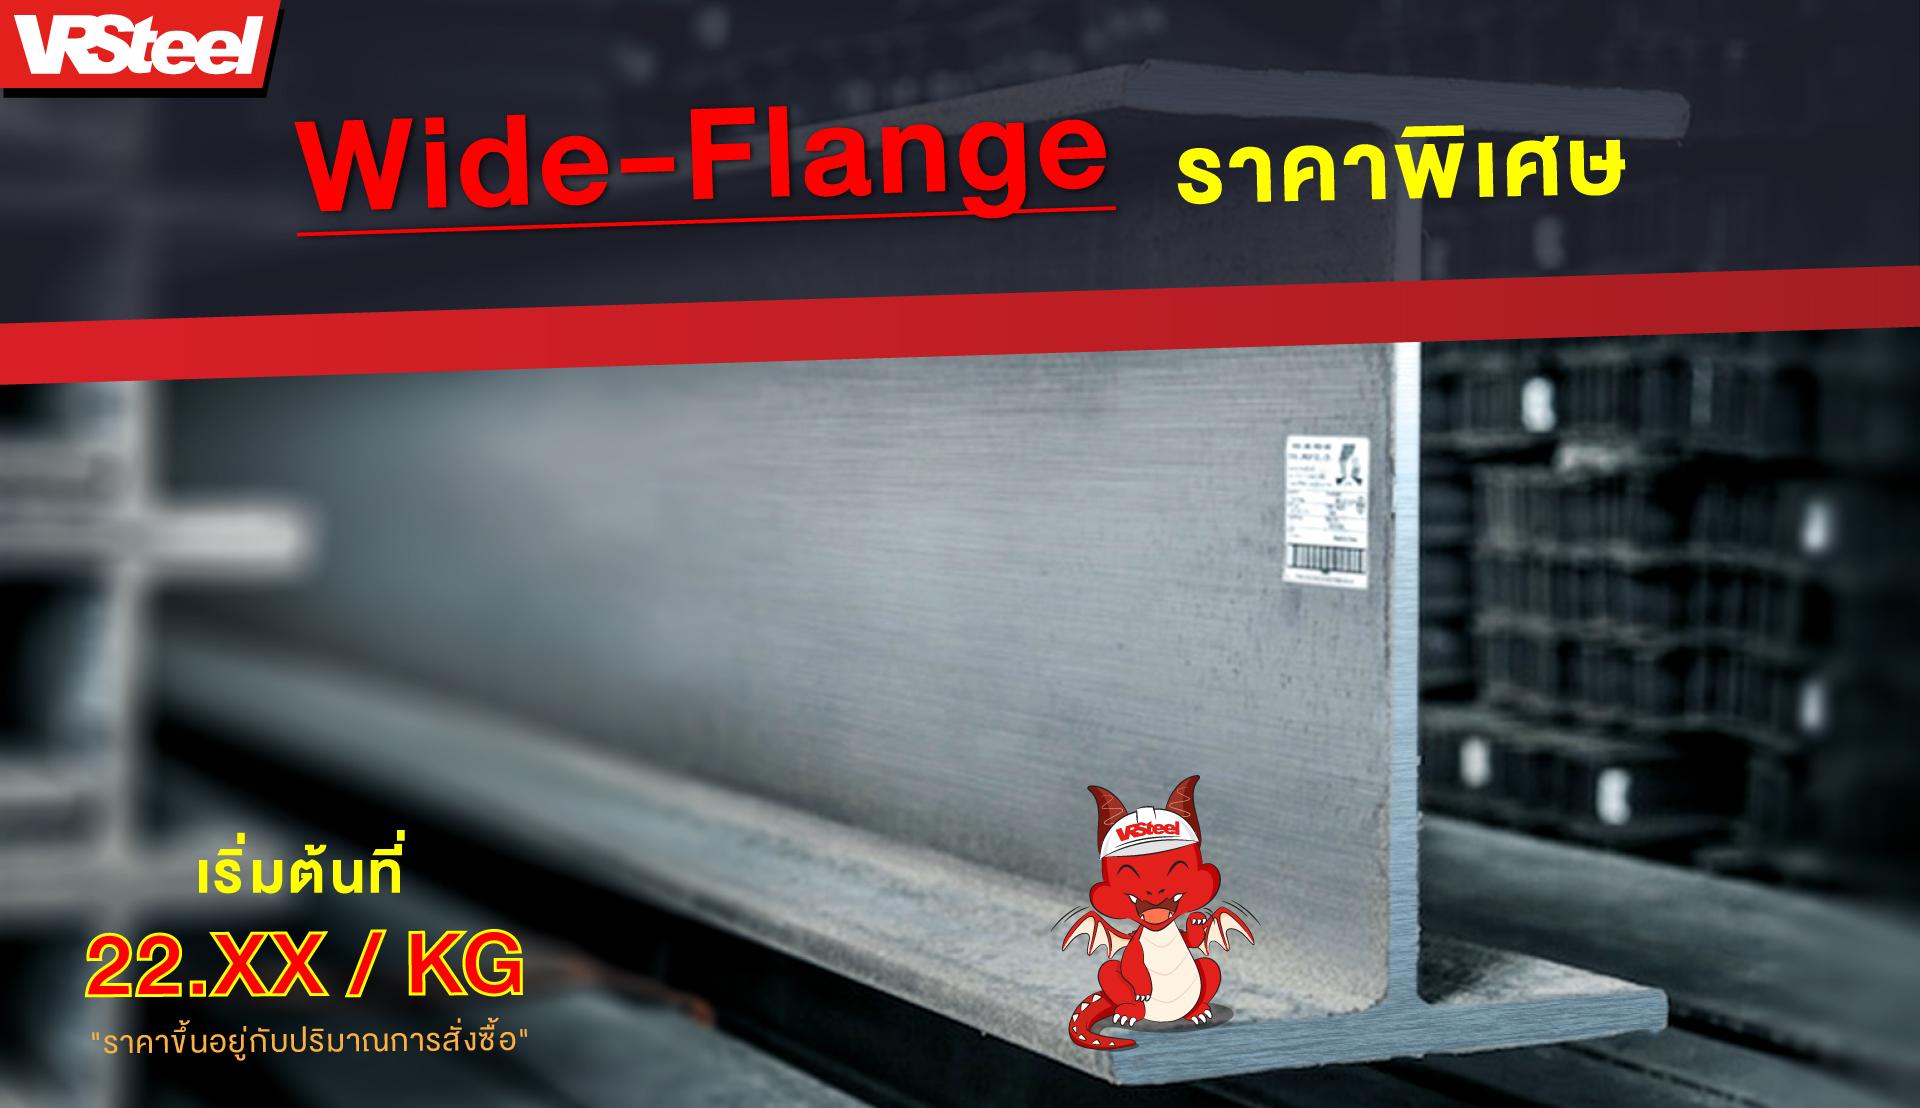 โปรโมชั่น Wide-Flange ราคาพิเศษ